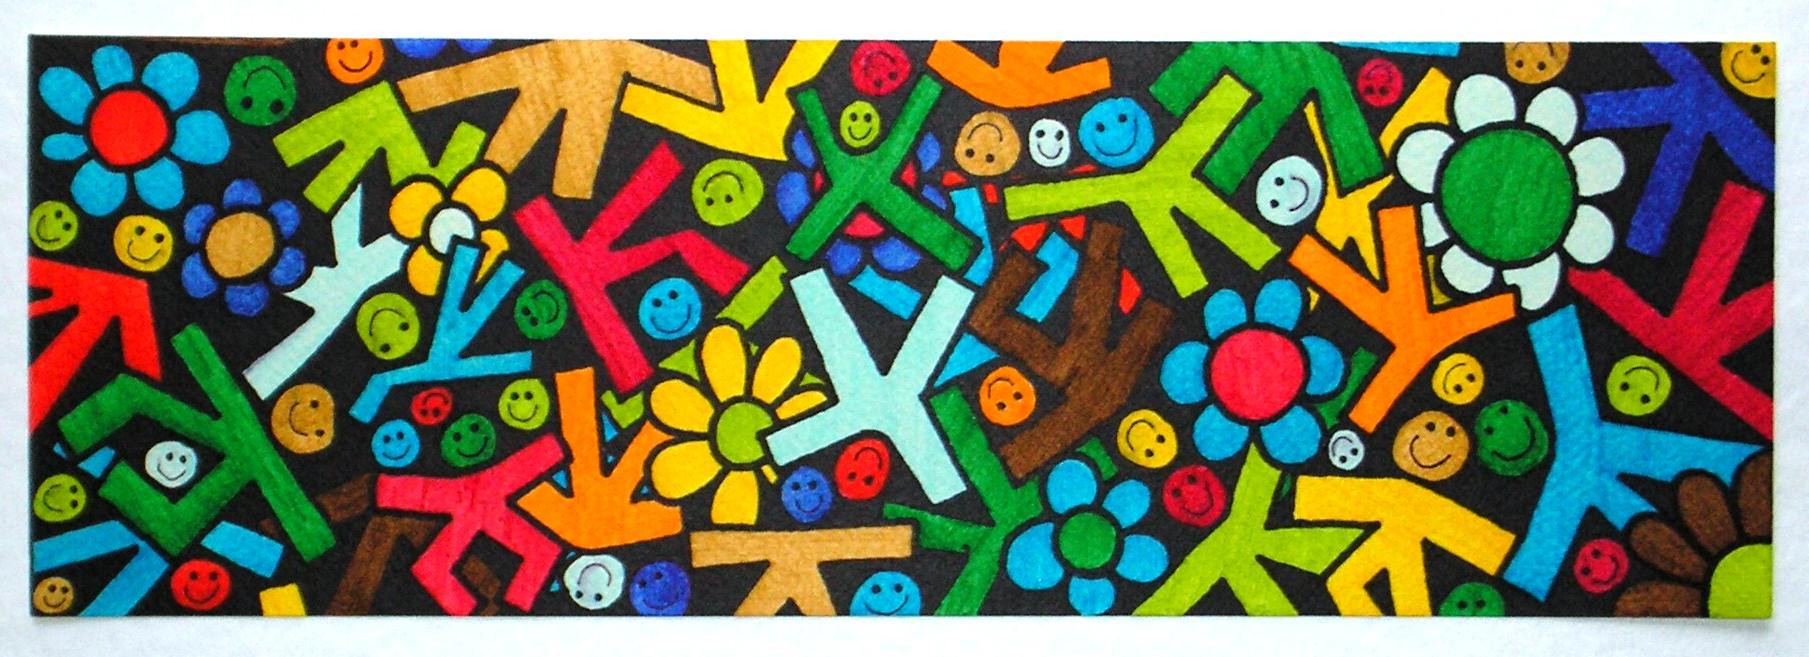 bambini e fiori pennarelli su carta cm 36x12